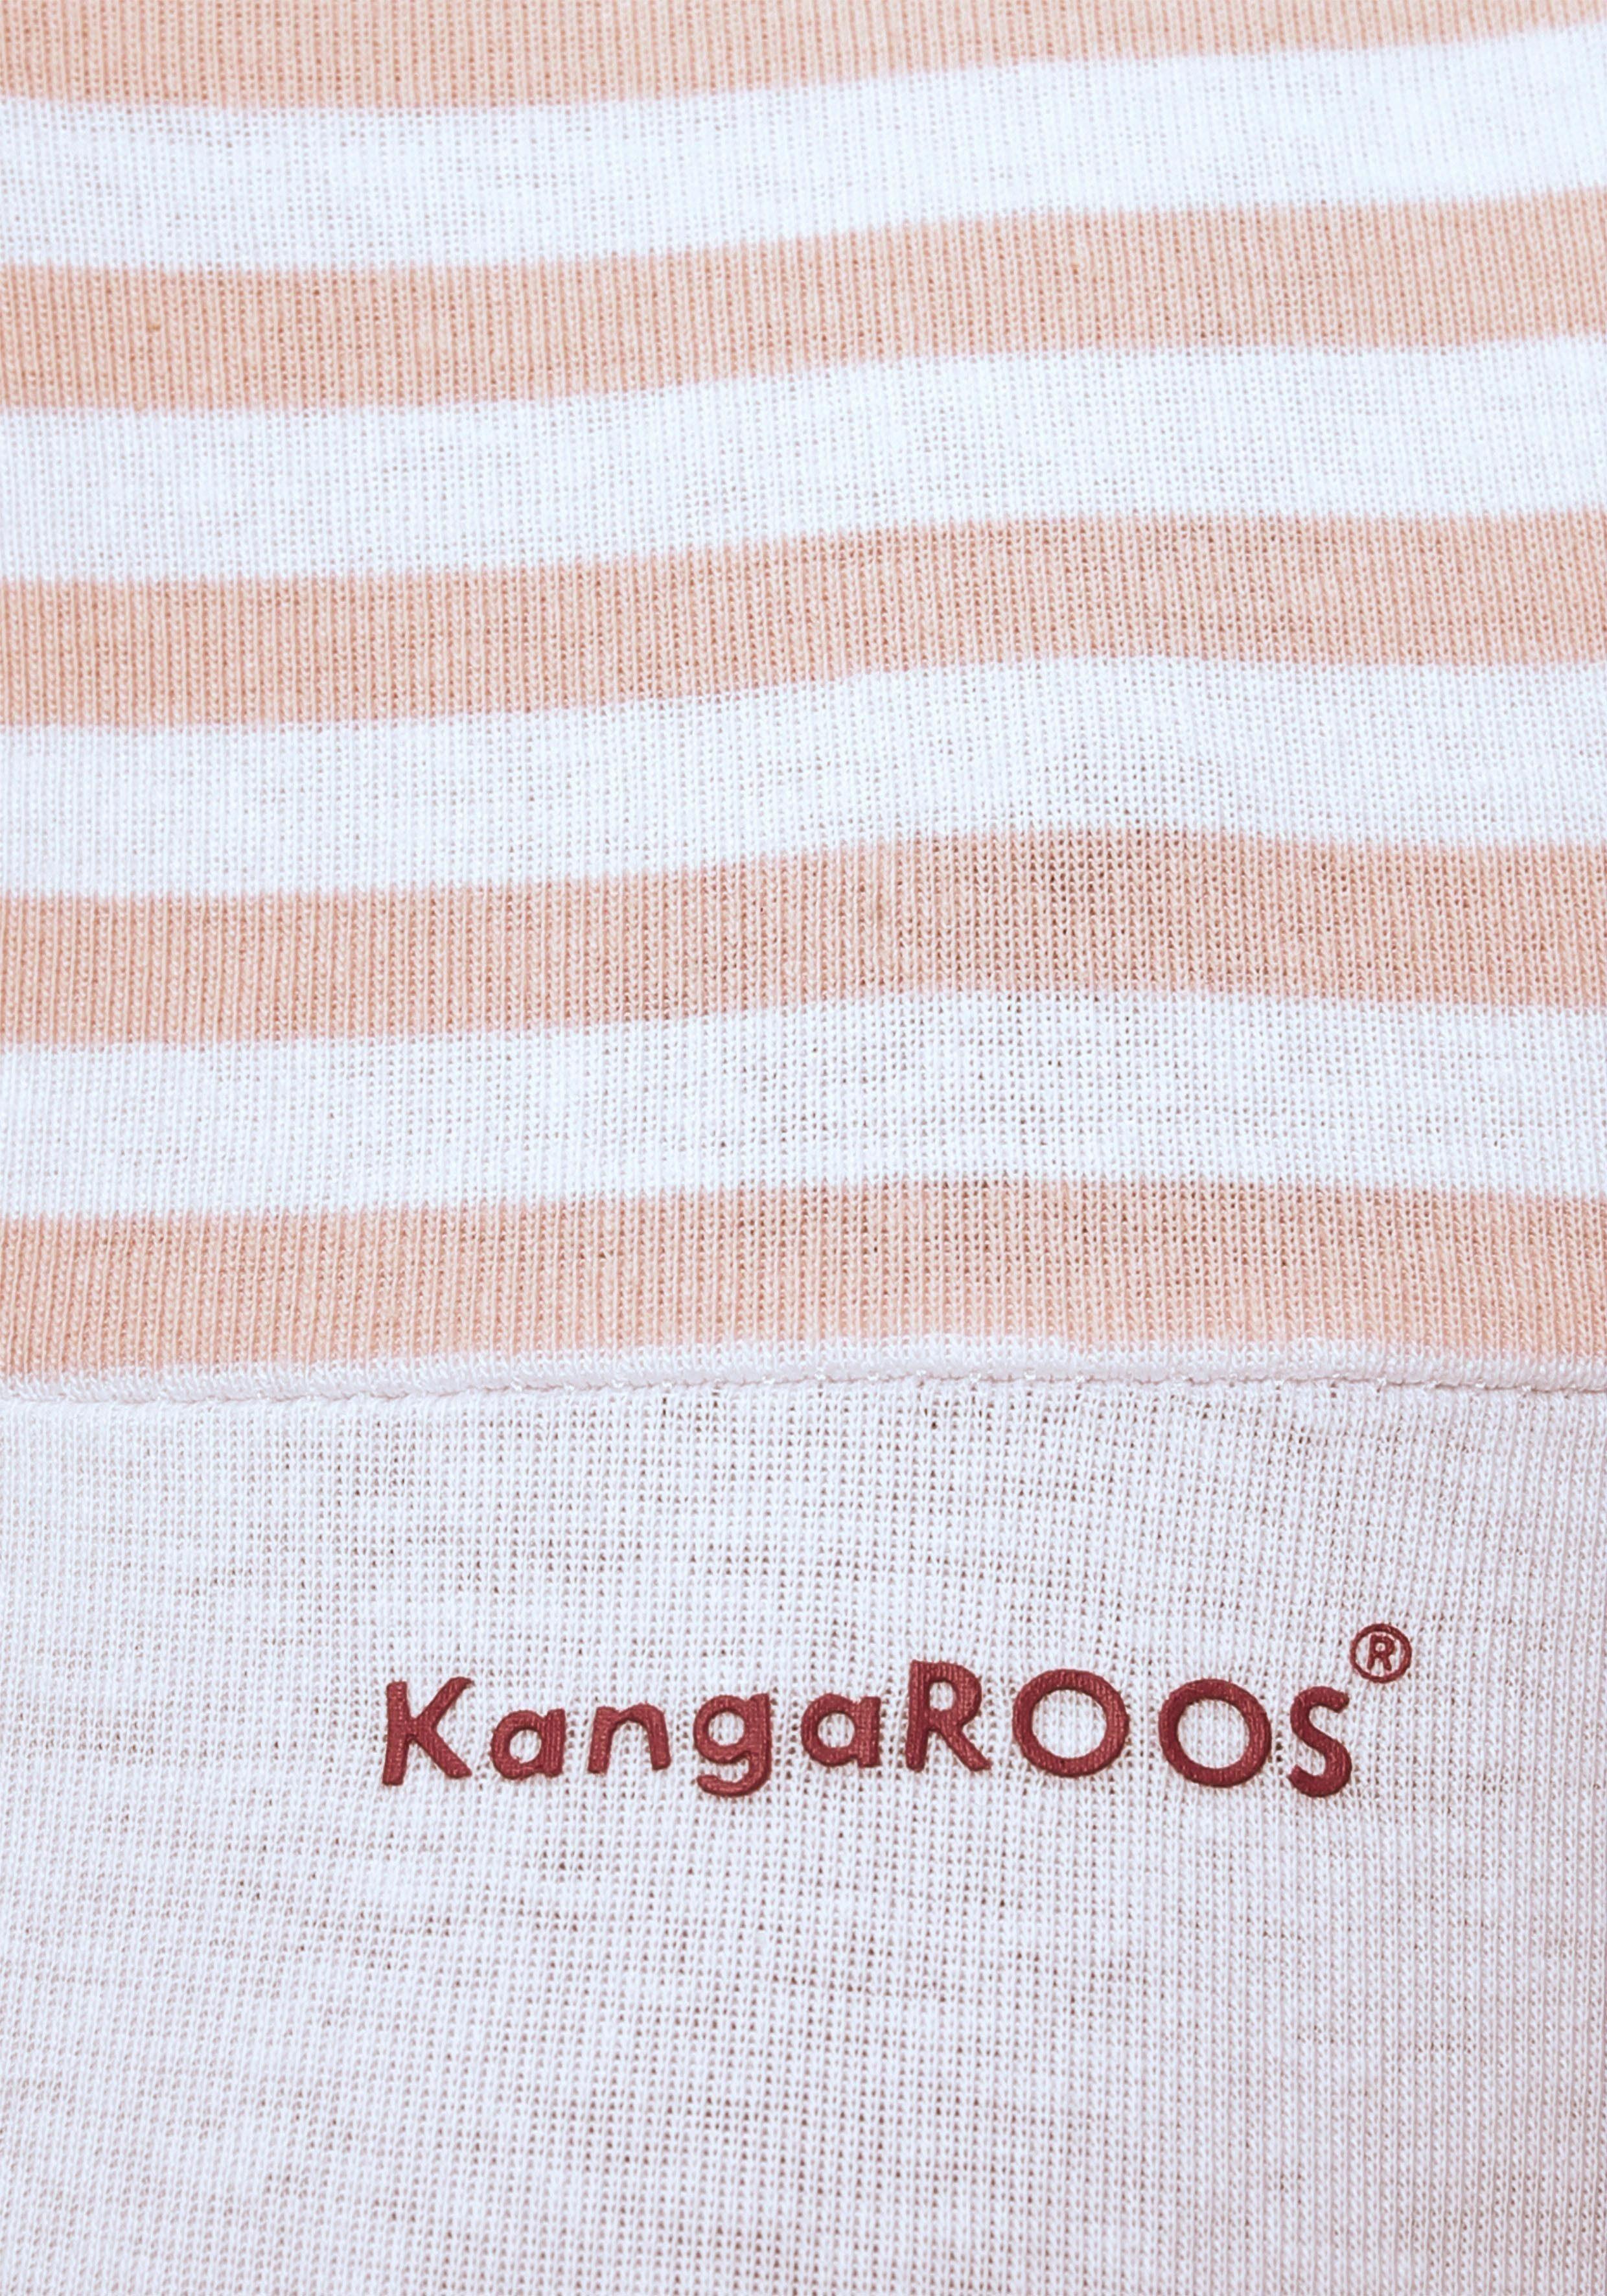 Kangaroos Capuchonshirt Snel Online Gekocht - Geweldige Prijs